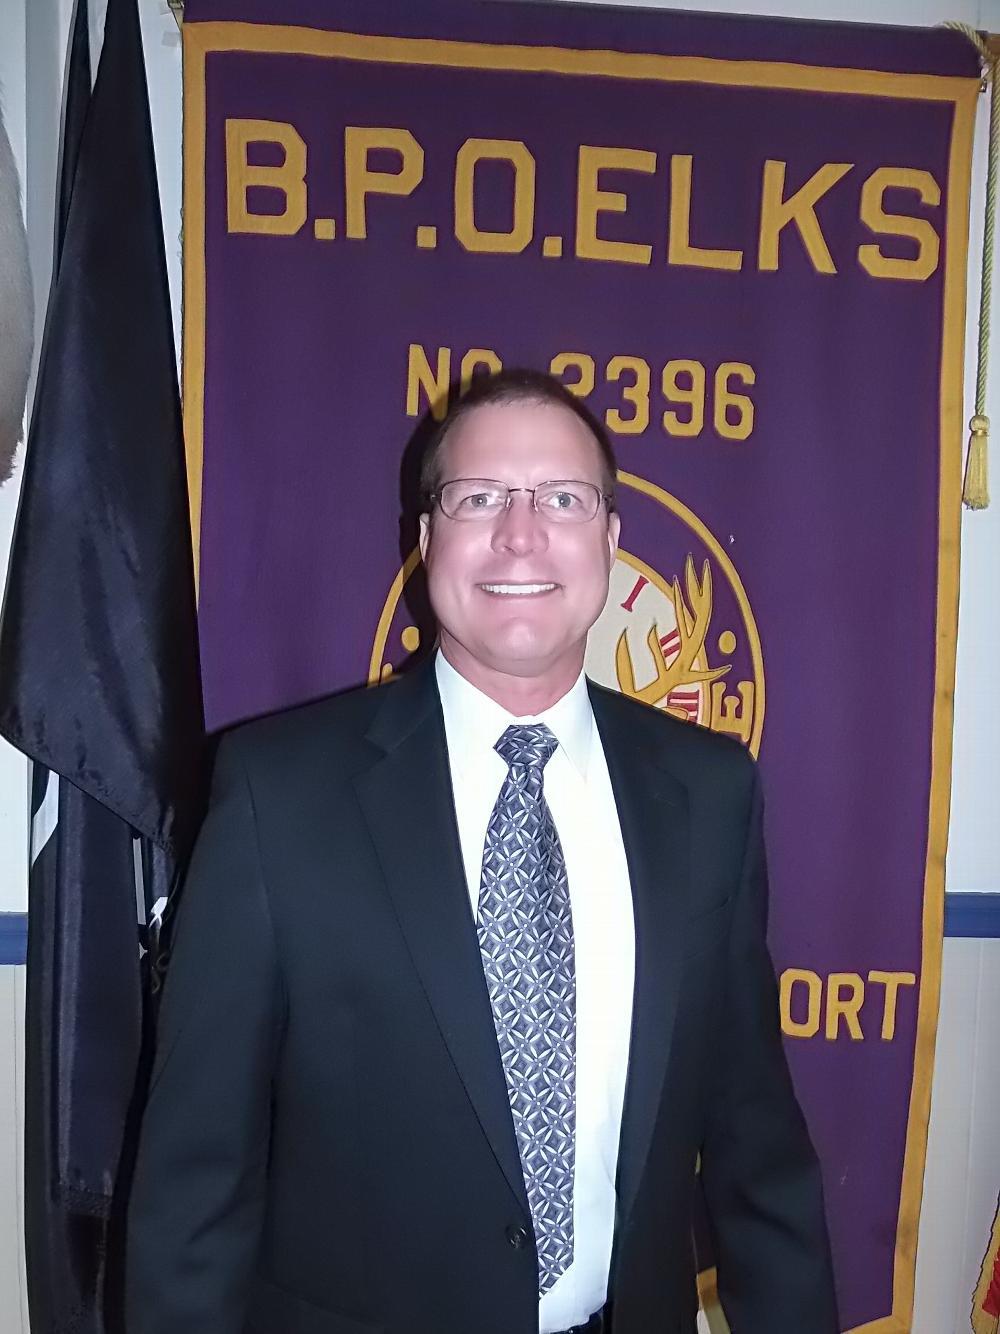 New Member Frank Churnetski Jr